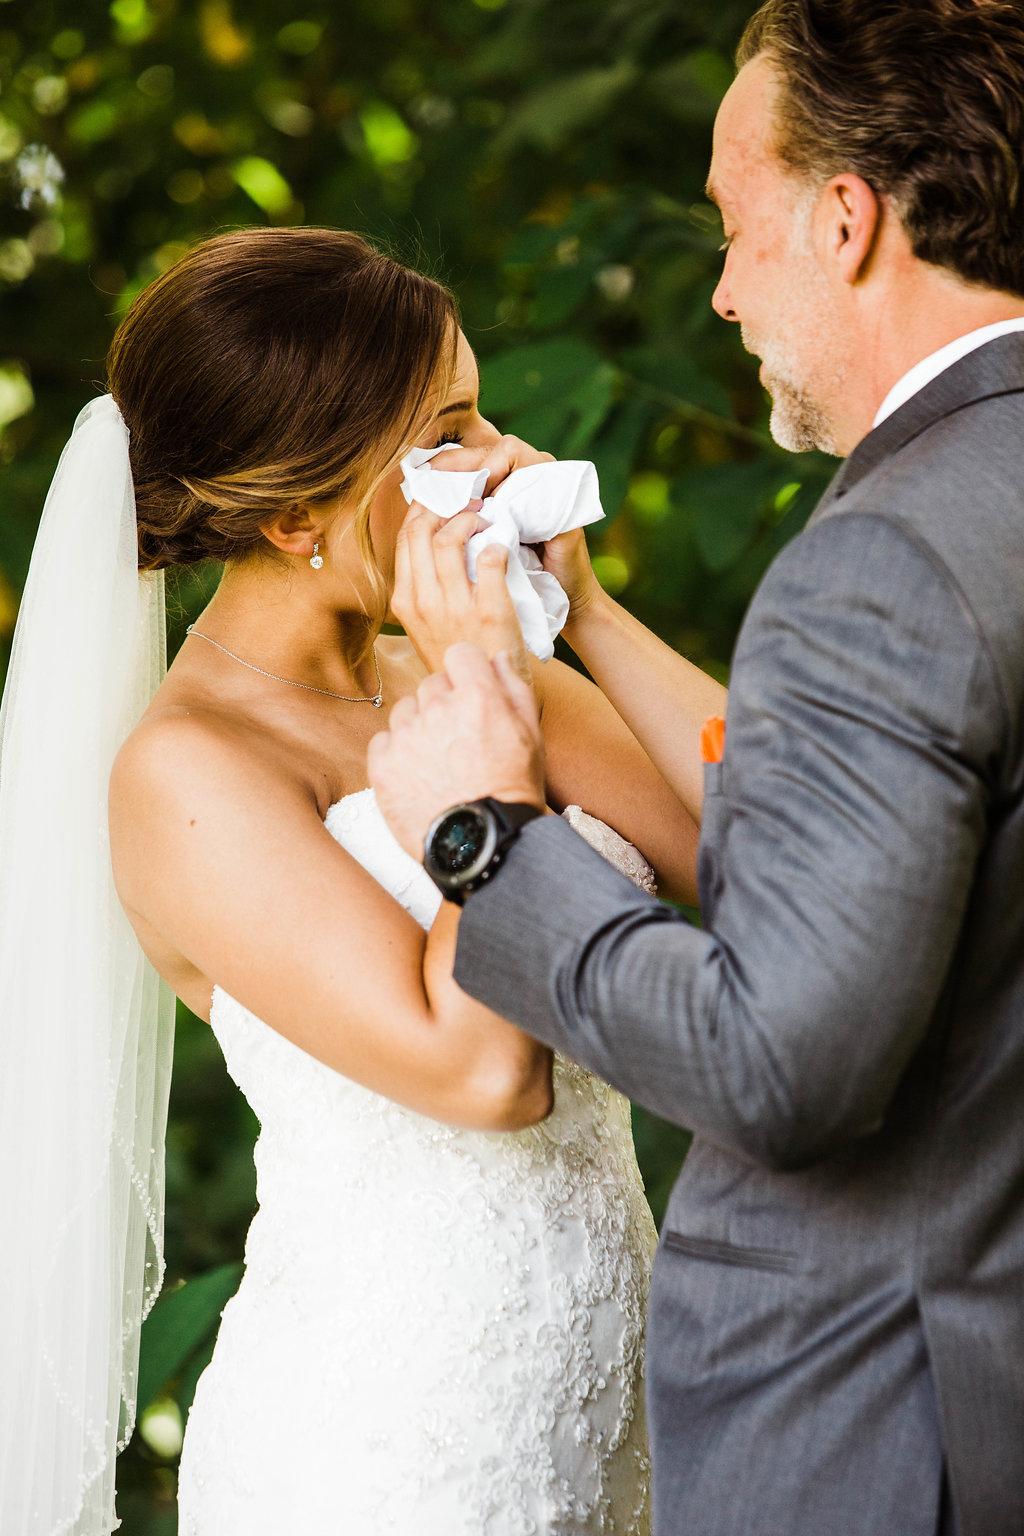 Erin+Tyson_The_Kelley_Farm_Wedding_by_Adina_Preston_Weddings_47.JPG